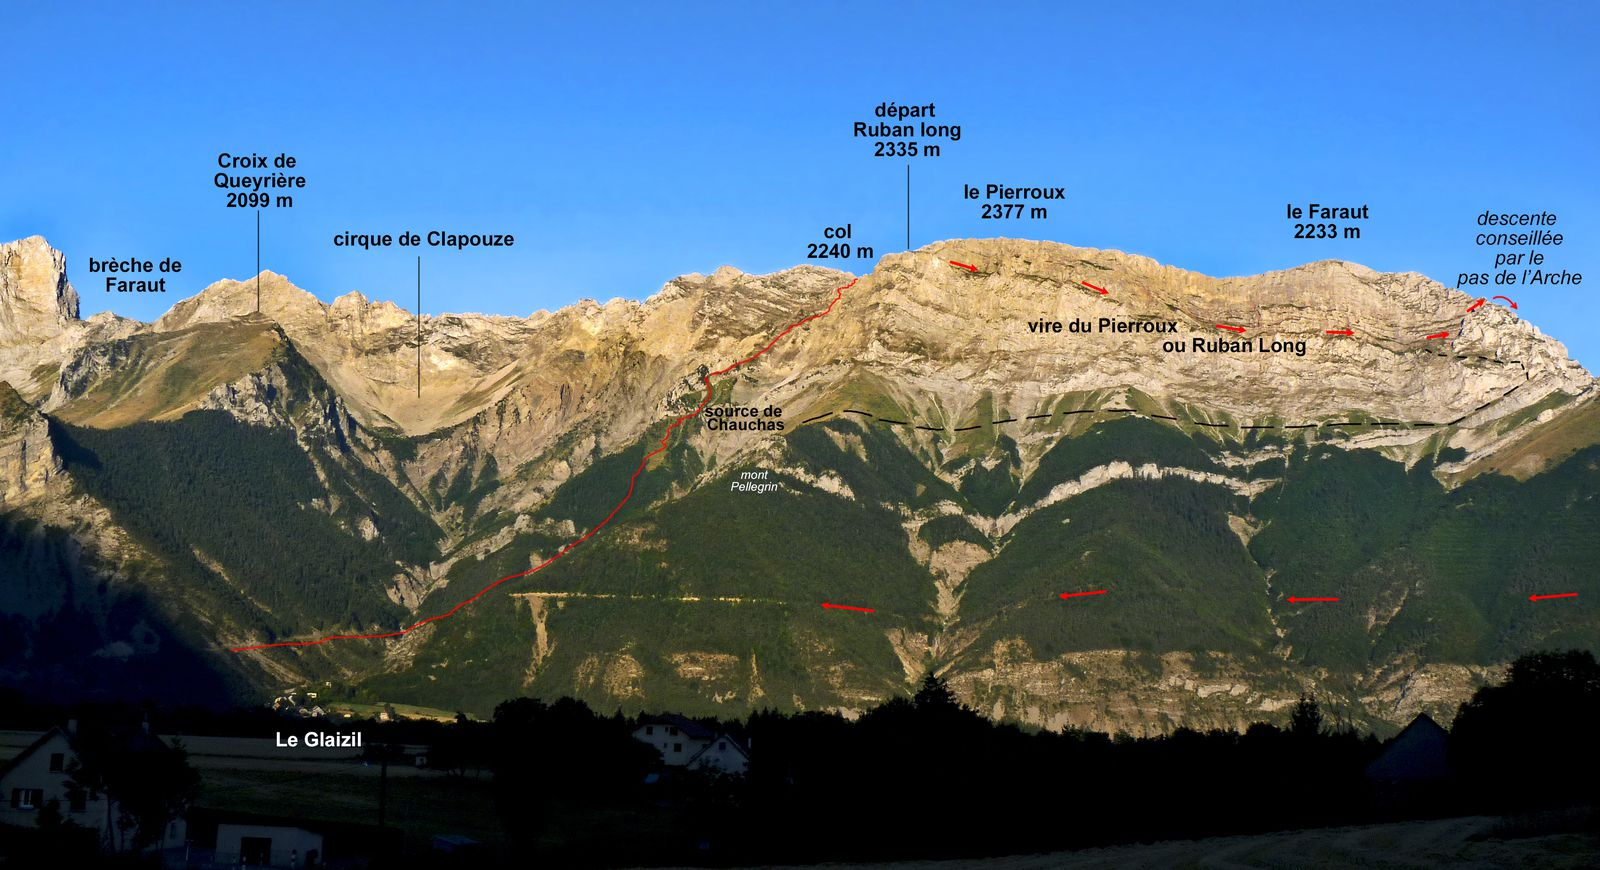 Le Pierroux vu de Chauffayer. Le tracé noir à droite représente la descente très exposée que nous avons faite et que je déconseille, surtout que la traversée du plan incliné est ensuite assez pénible. Il vaut mieux descendre par le pas de l'Arche et le chemin qui, au sud du pic de Chauvet, permet de retrouver la piste du départ à 1245 m.